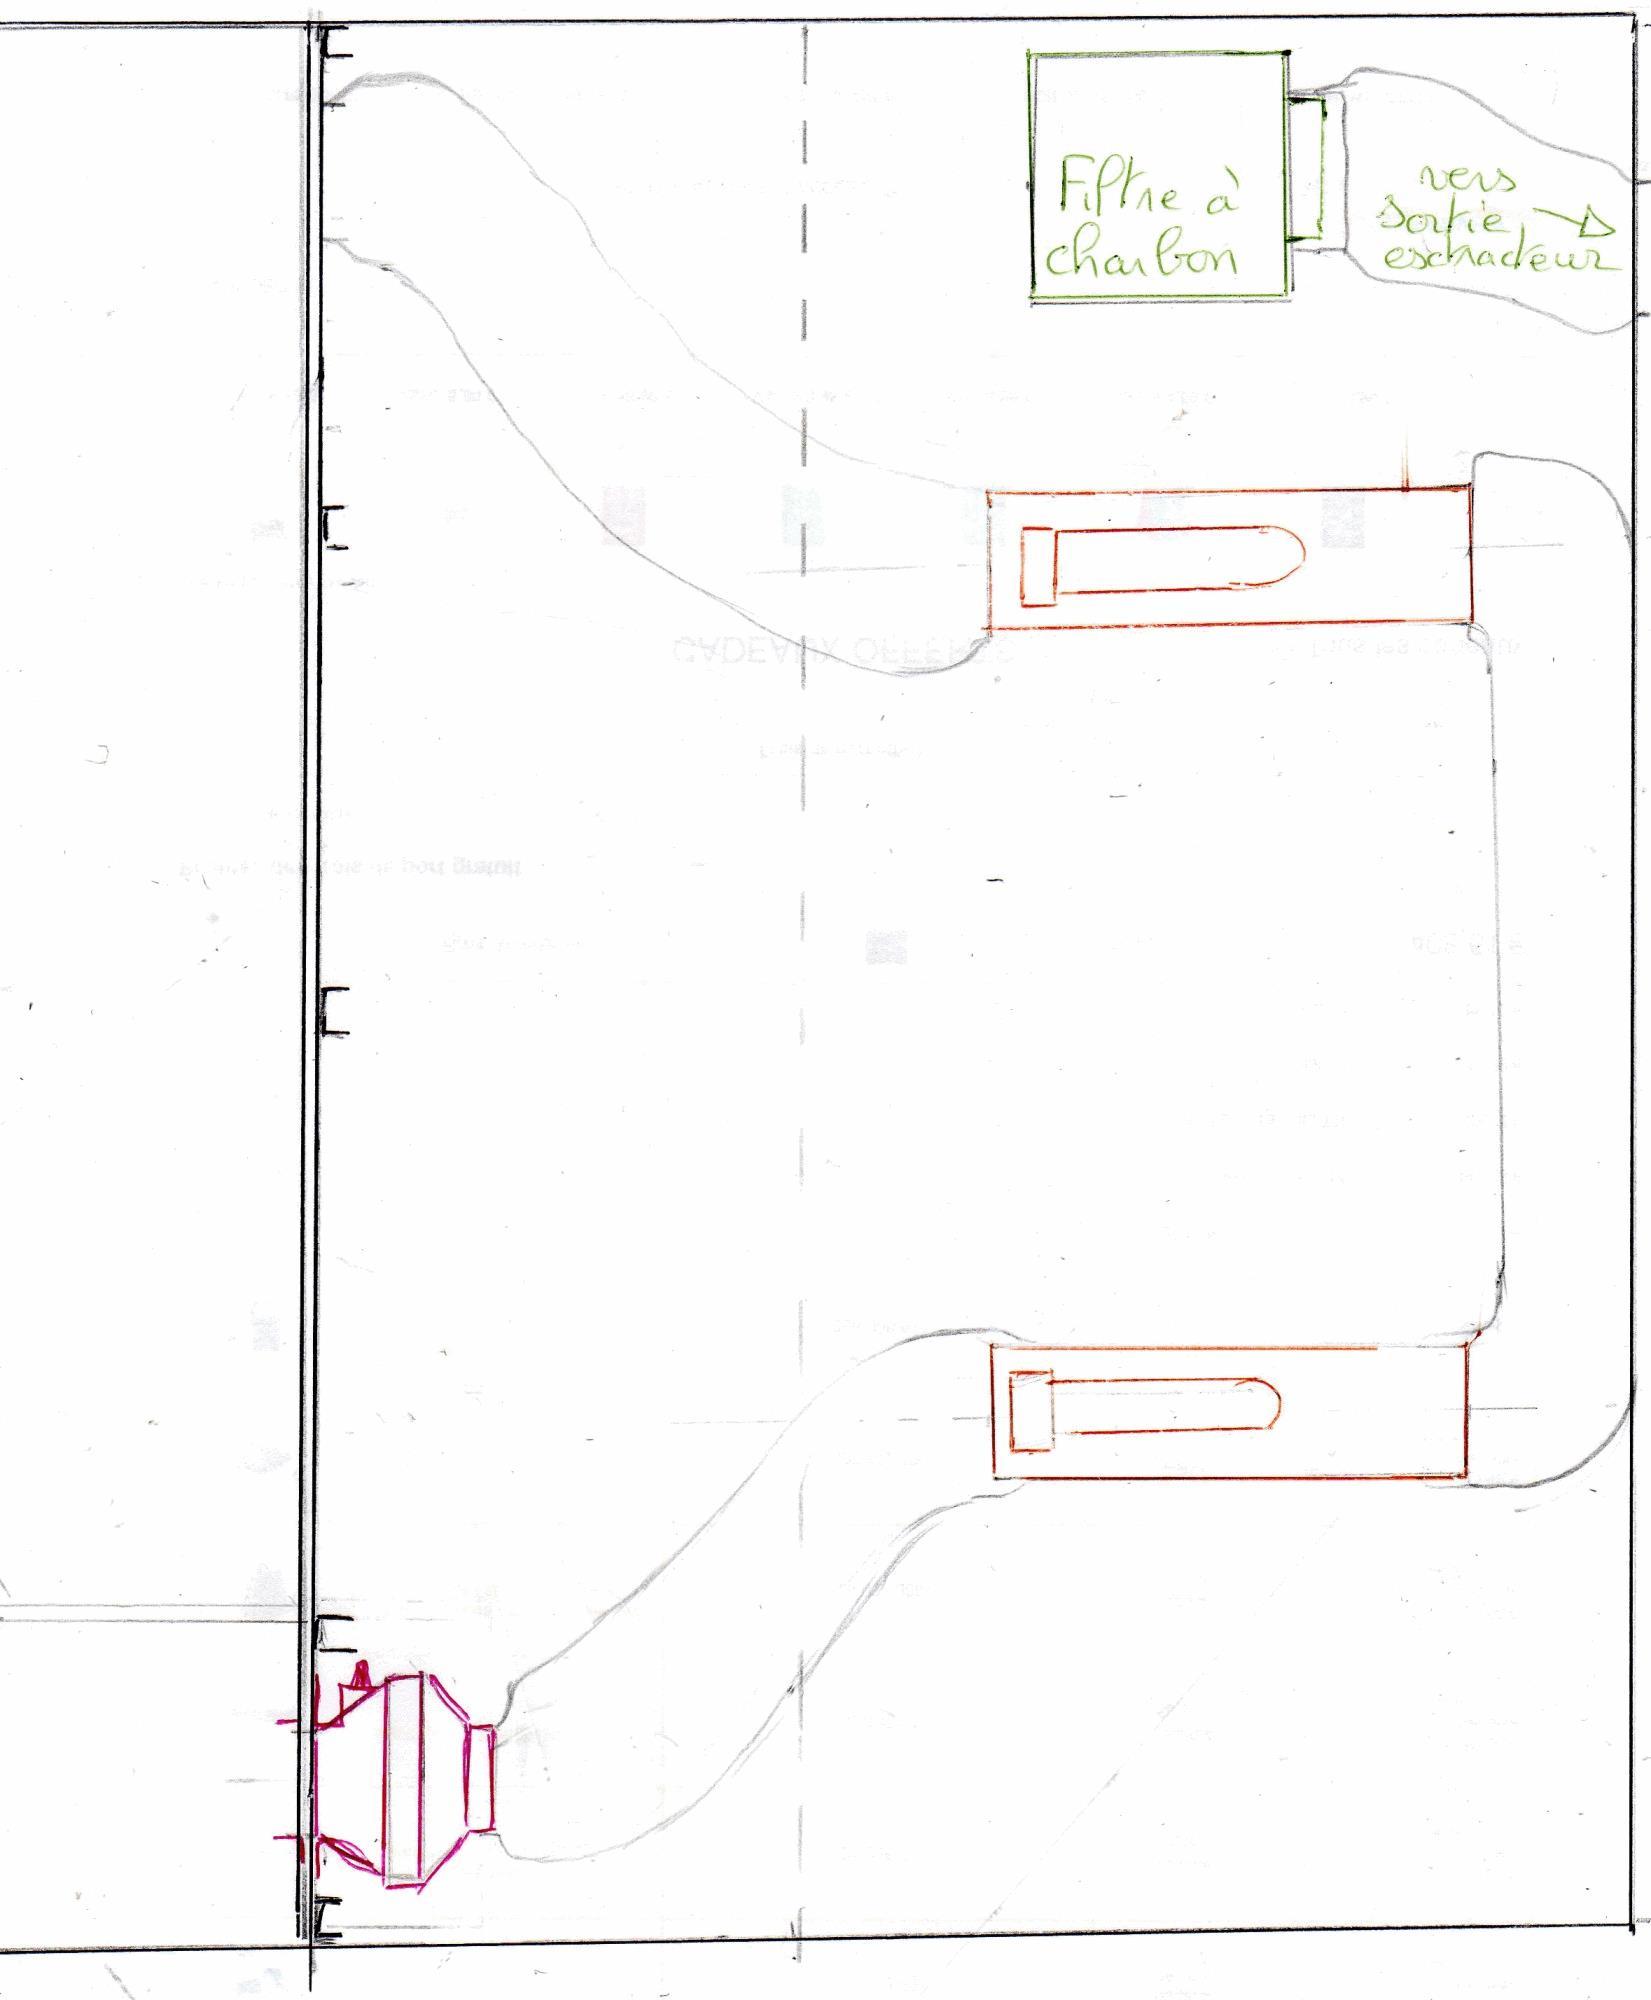 quel extra pour refroidir 2 cool tubes de 600w chacuns viabilit de votre installation projet. Black Bedroom Furniture Sets. Home Design Ideas